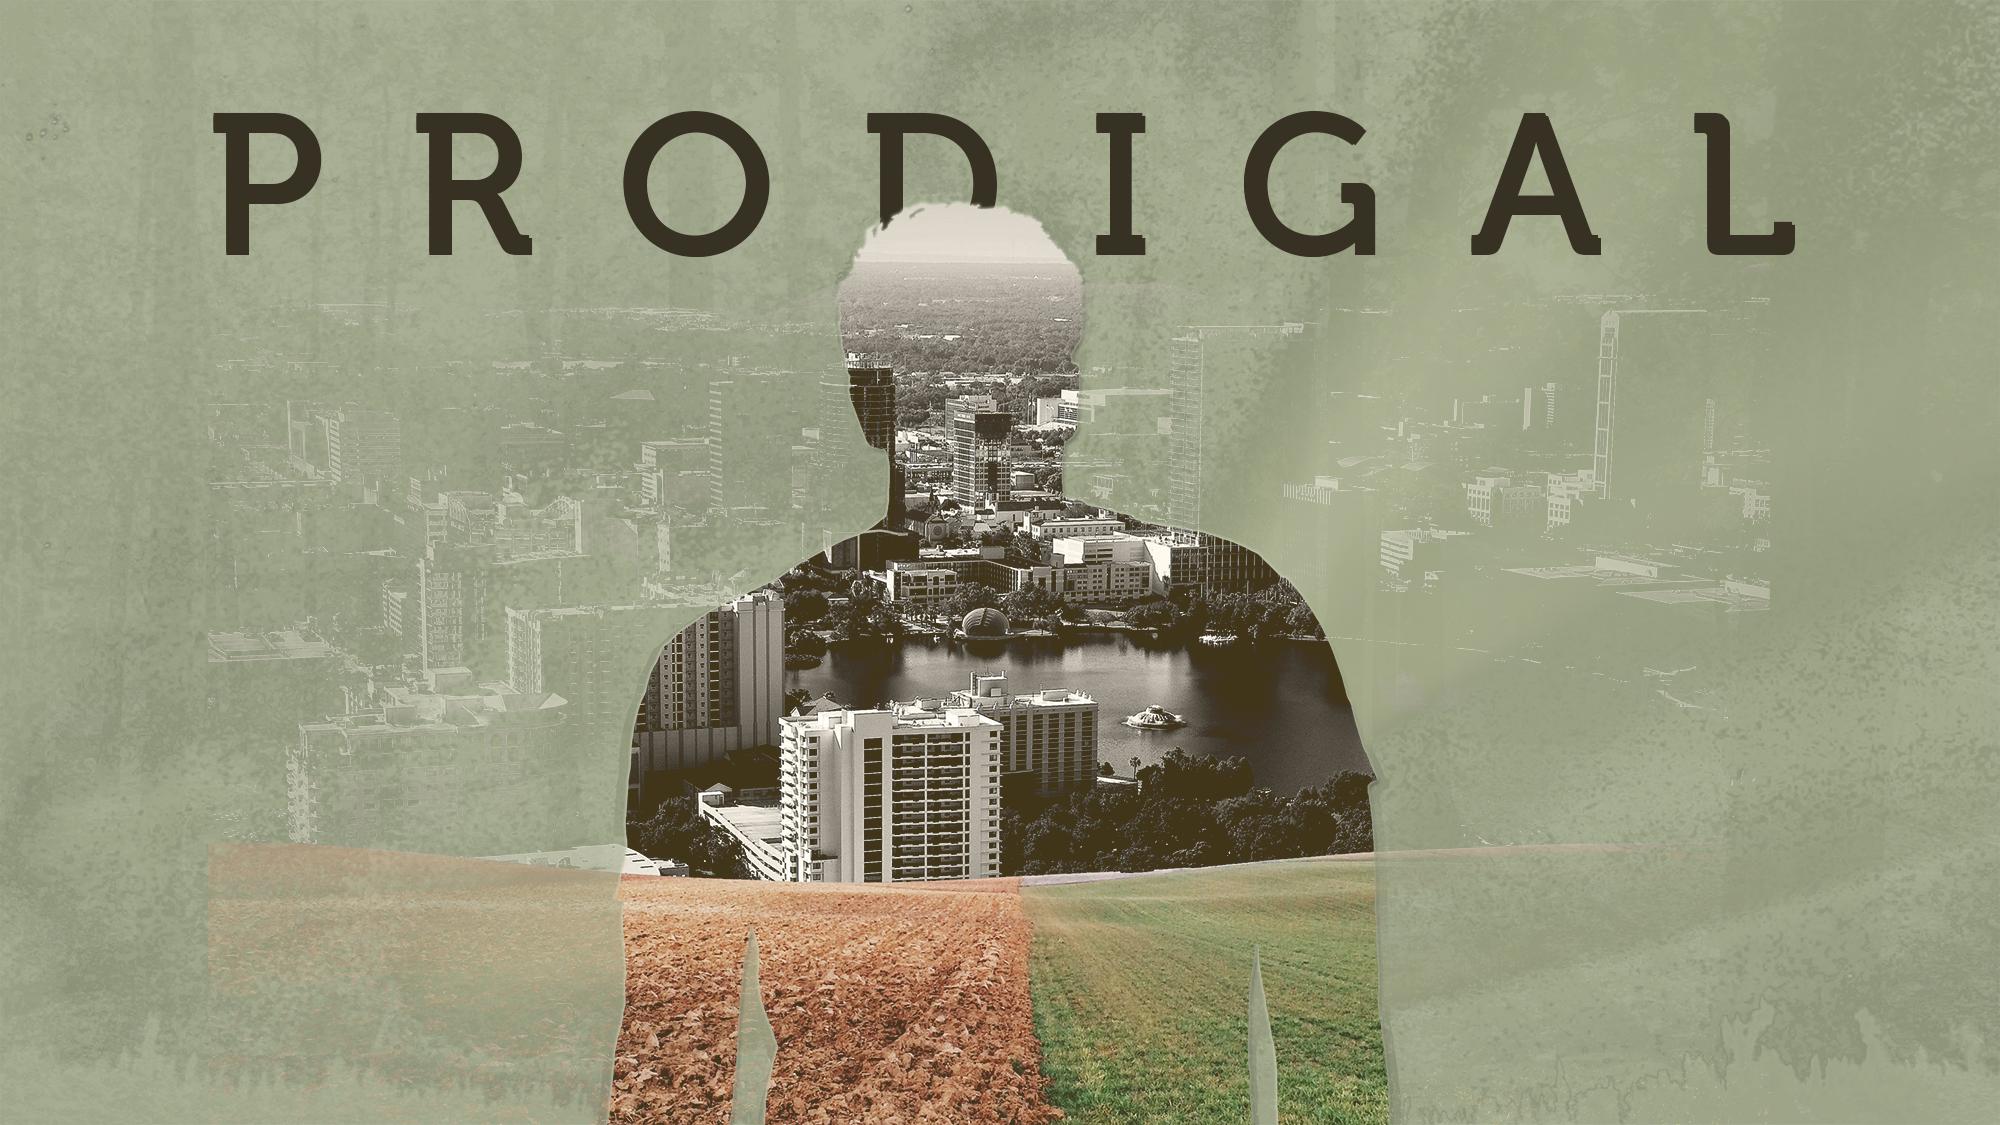 Prodigal Church Sermon Series Ideas